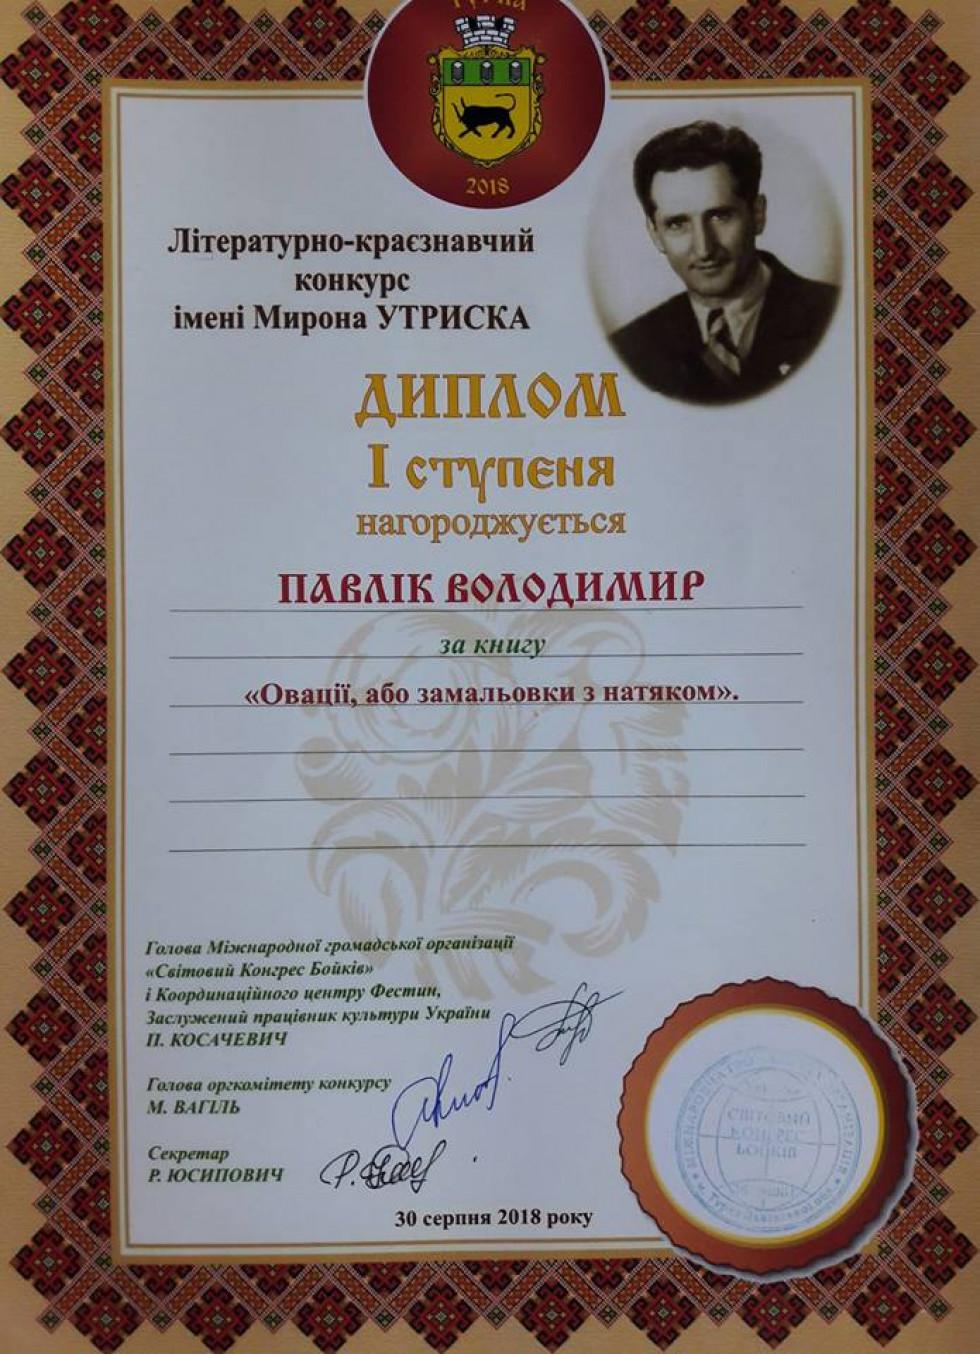 Нагорода Володимира Павліка